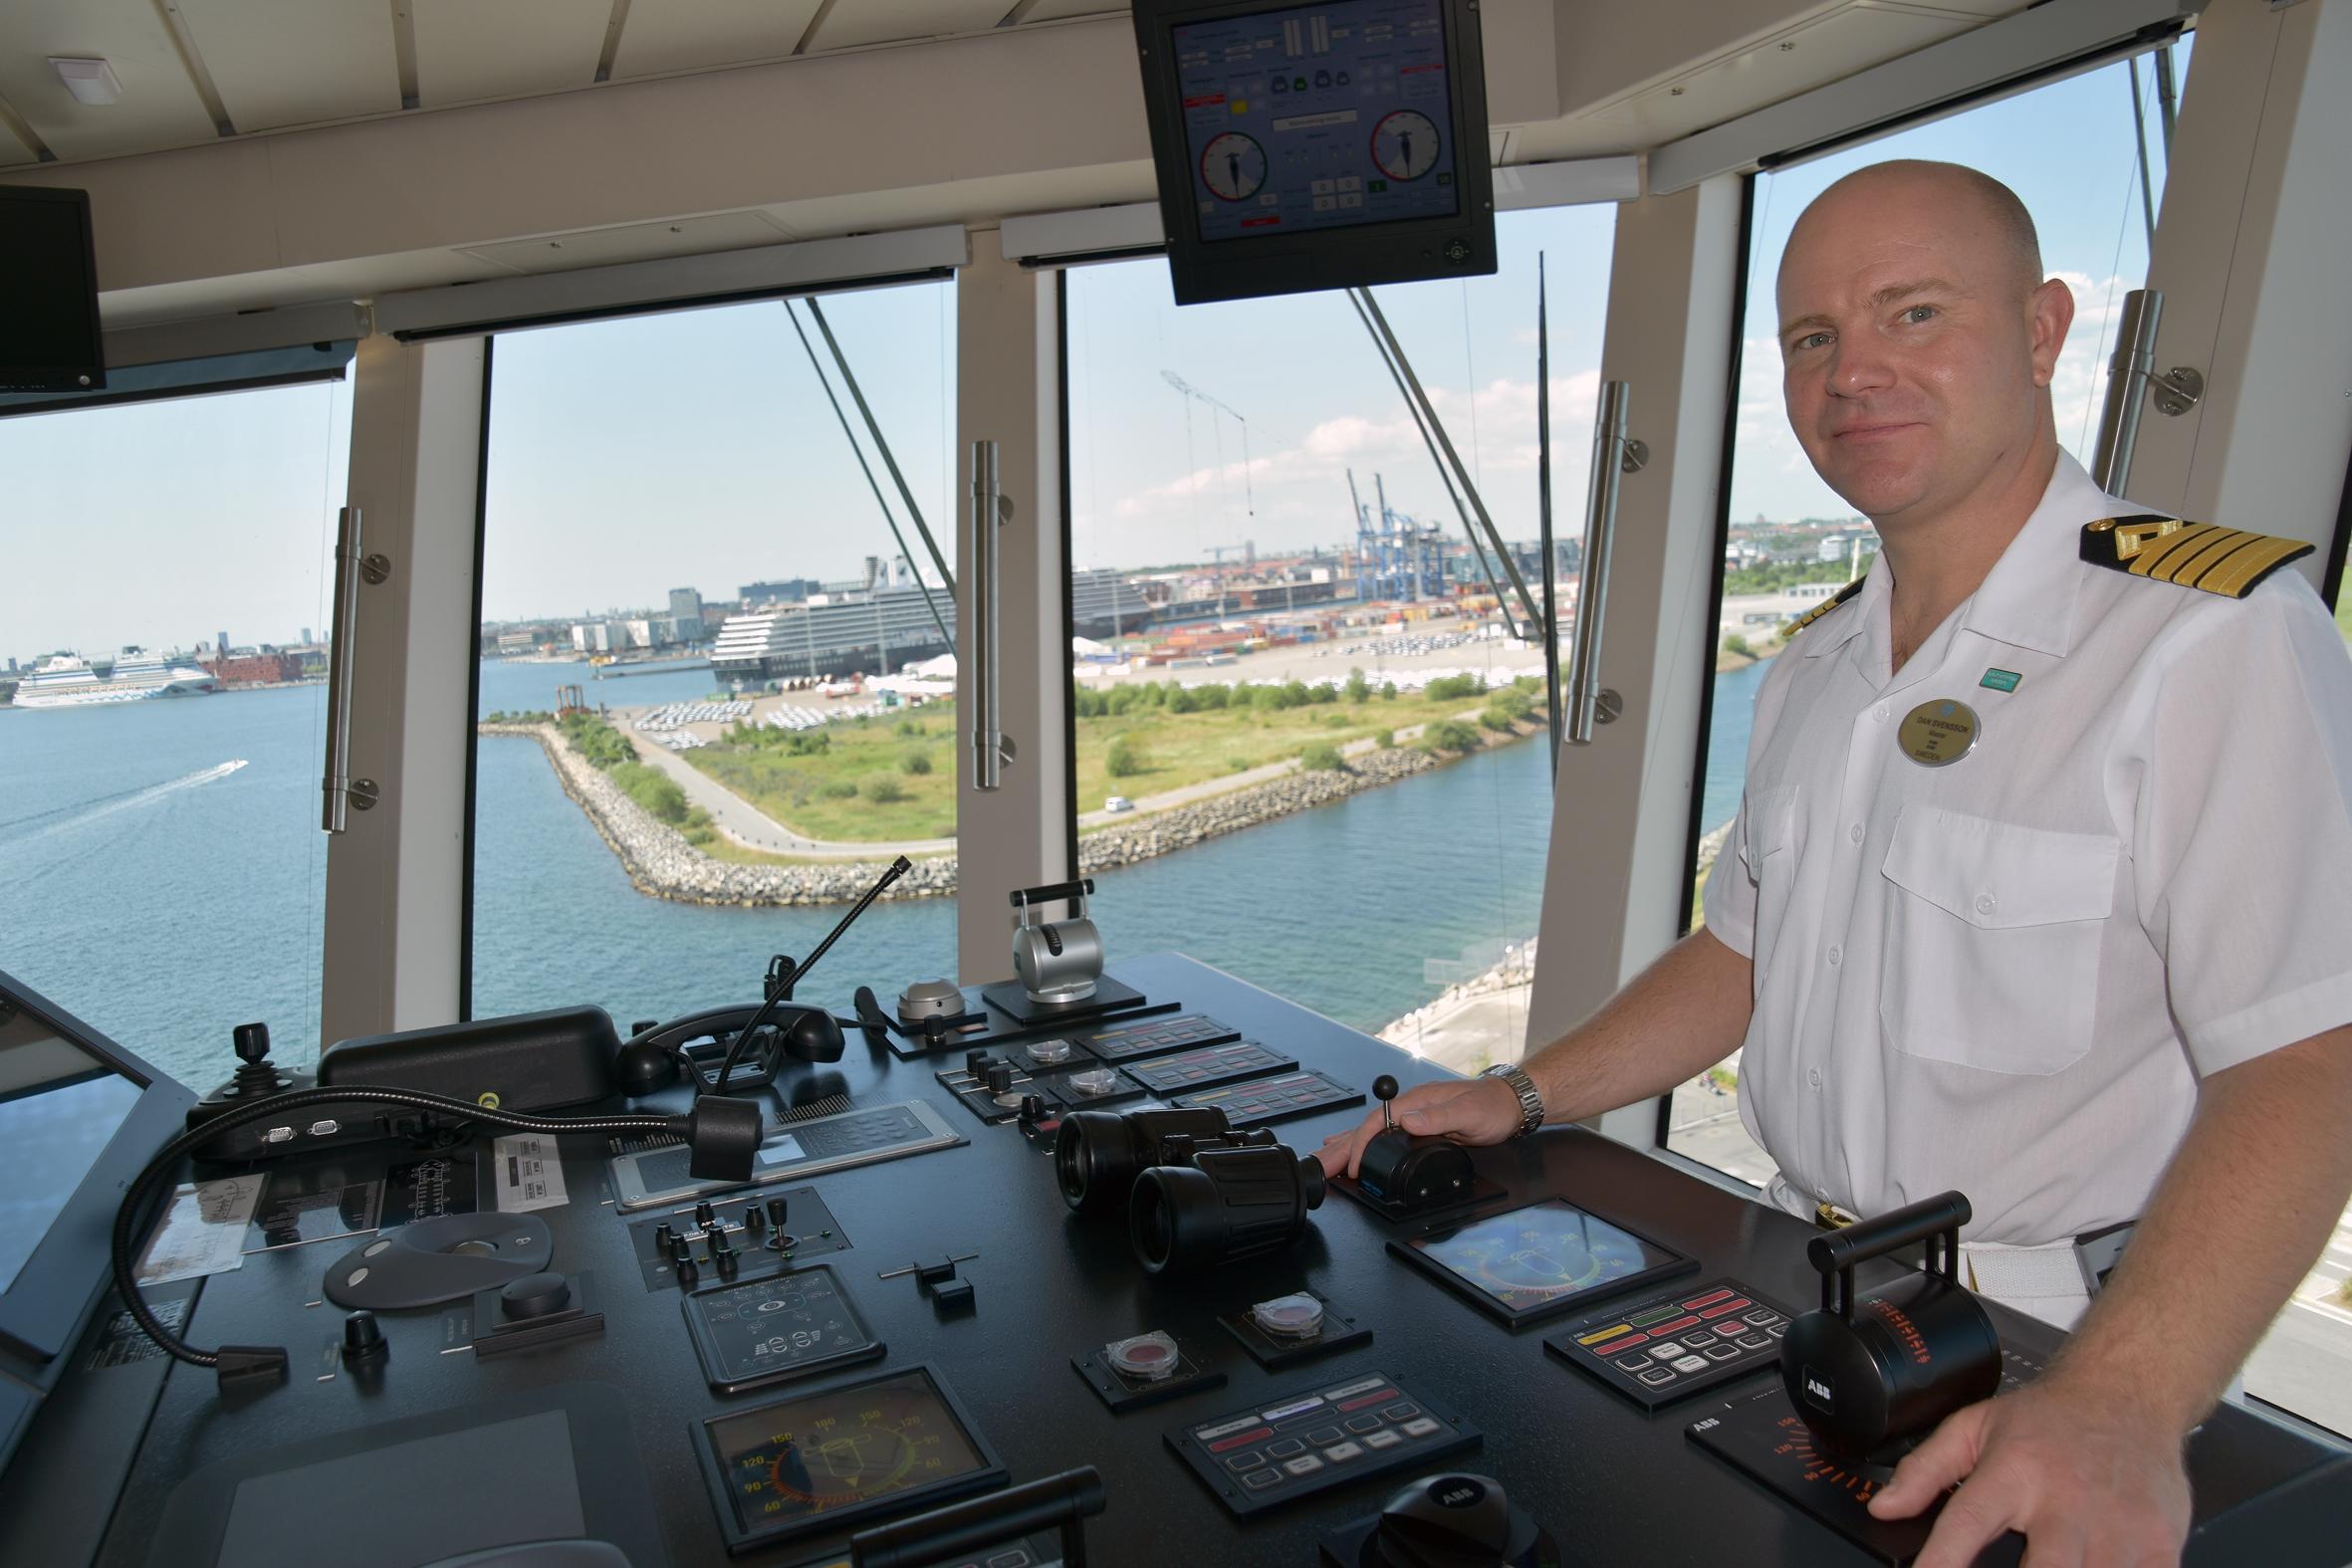 NCL's Breakaways svenske kaptajn, Dan Svensson, har vagt i ti uger, fulgt af ti uger fri. Foto: Preben Pathuel.